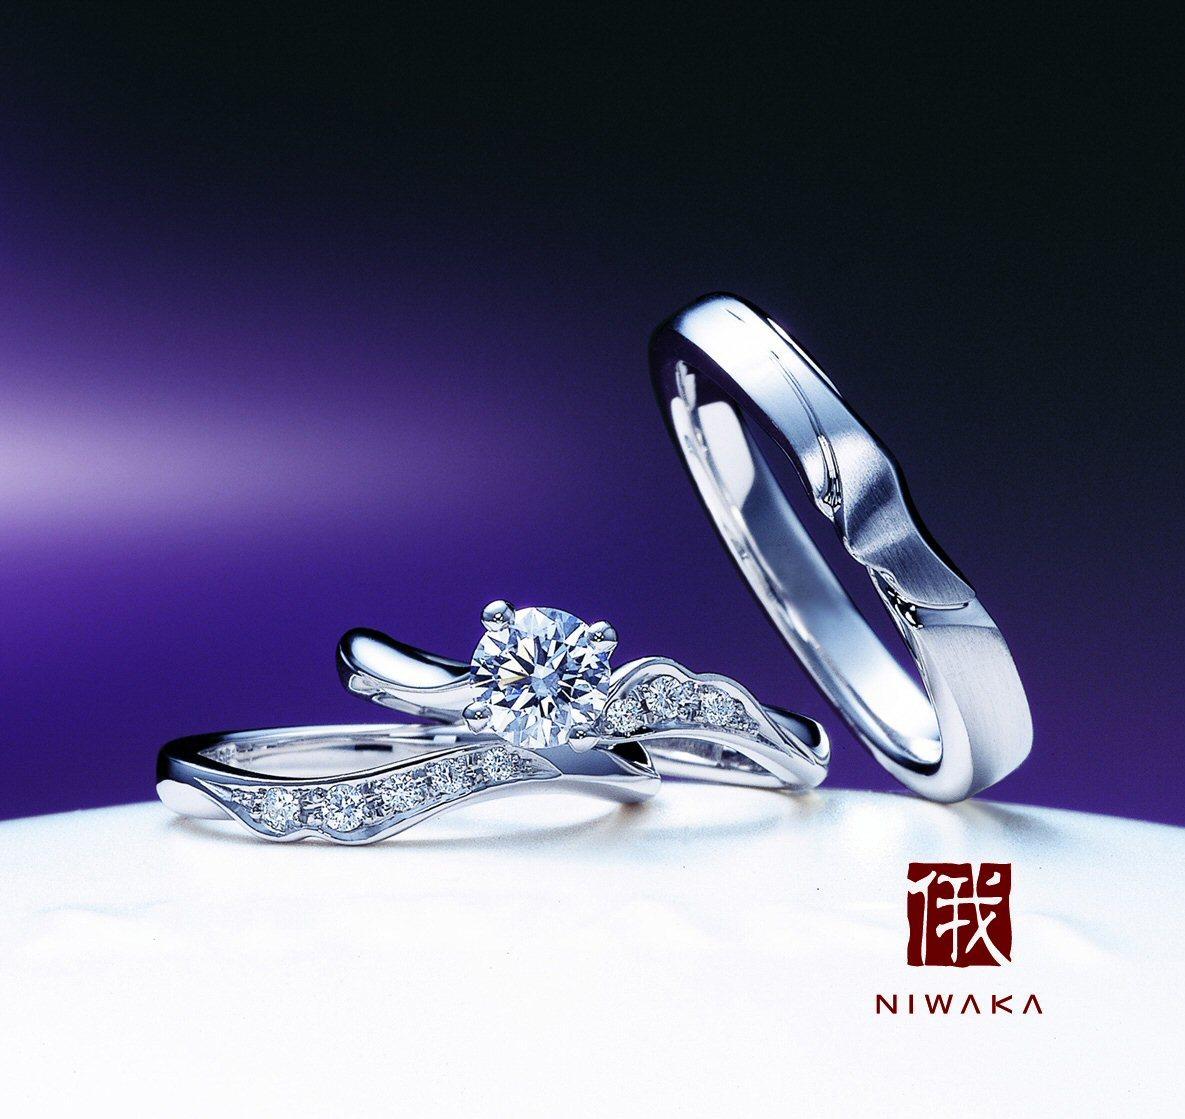 「唐花(からはな)」の物語~結婚指輪には忘れたくない大切なことが~俄の結婚指輪のエピソード_f0118568_17085516.jpg